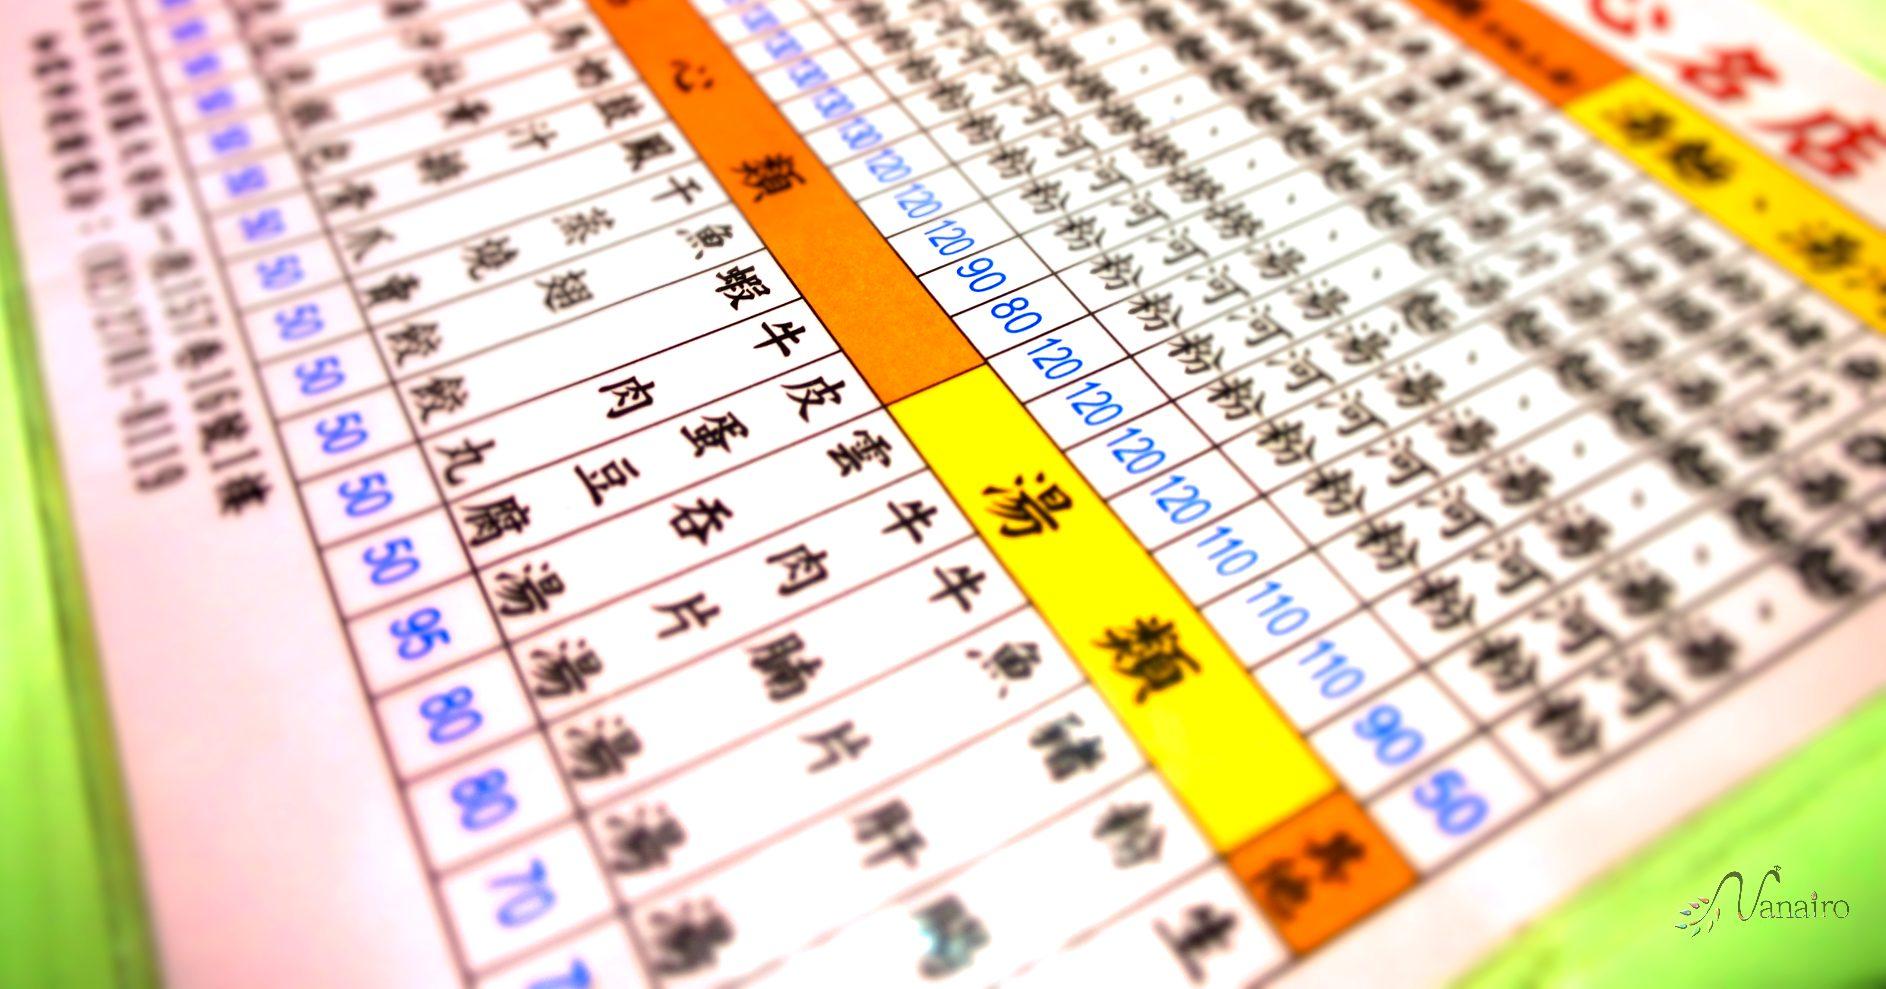 中華料理のメニューの読み方は?漢字で分かる料理の内容